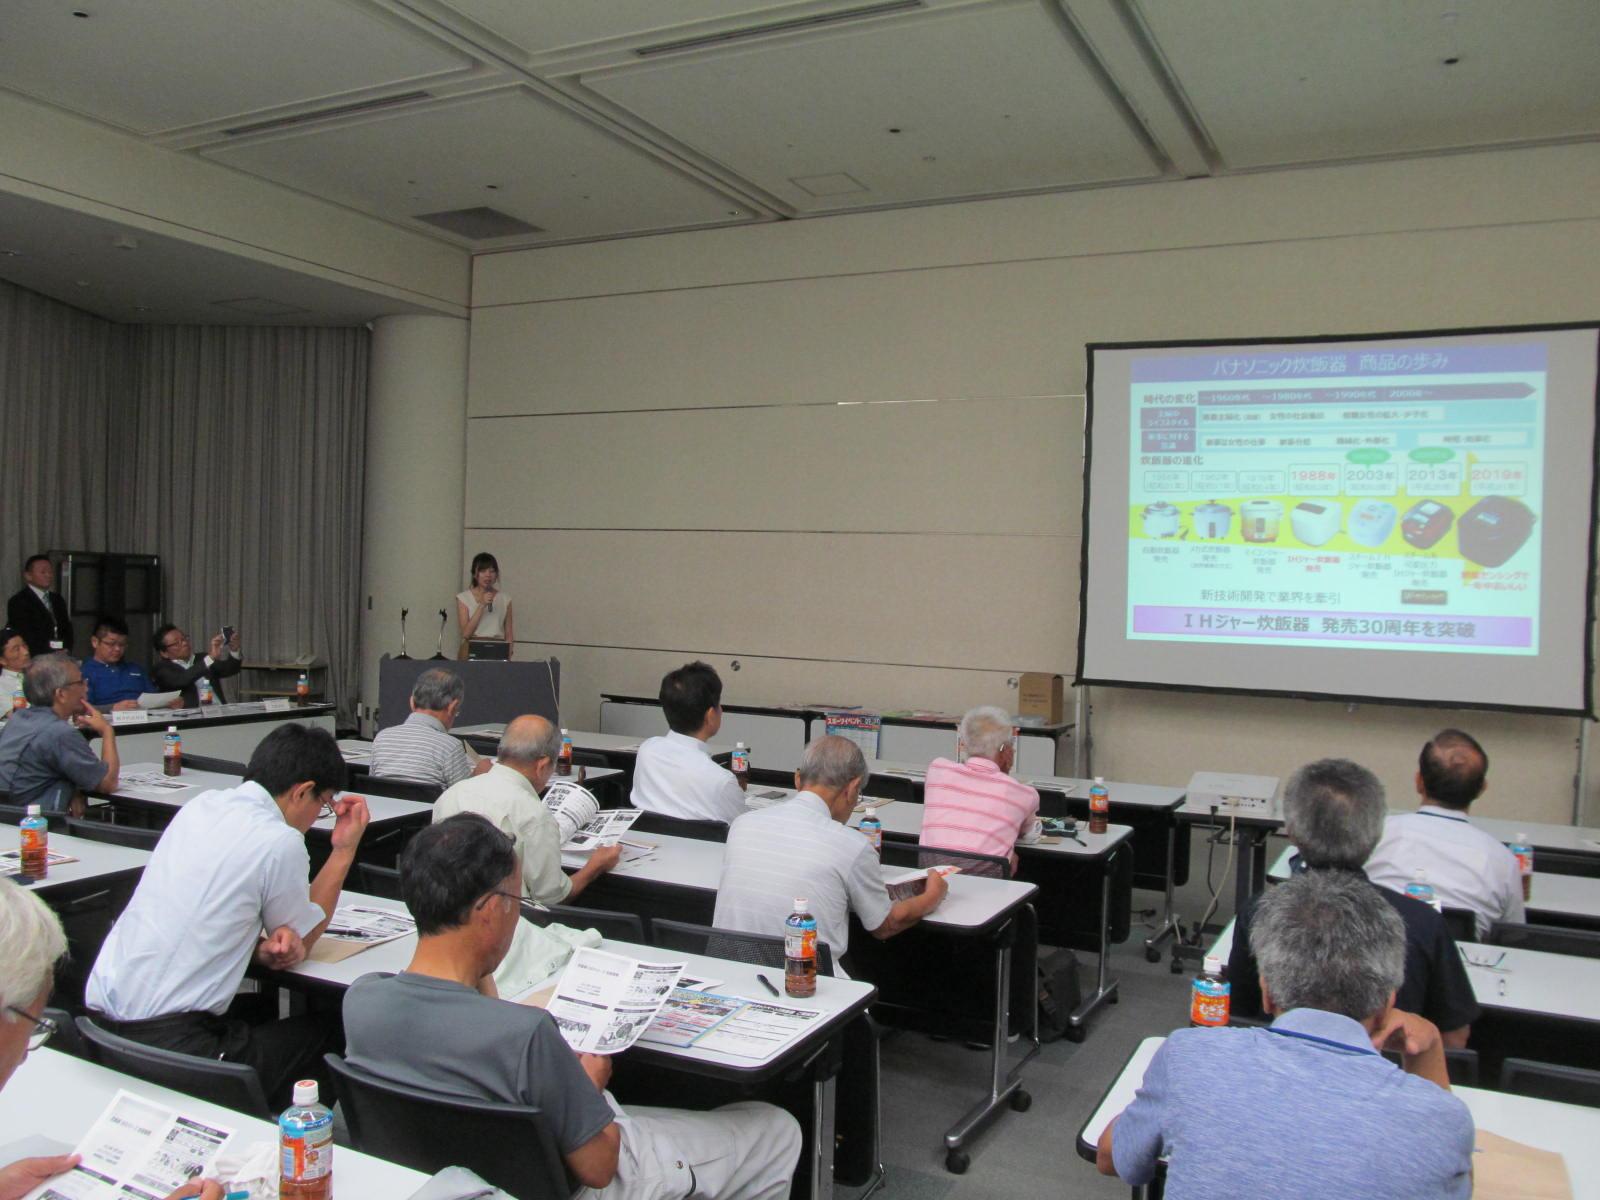 会員35店が参加し名古屋国際会議場で開催された愛知中PS会の秋のキャンペーン決起大会